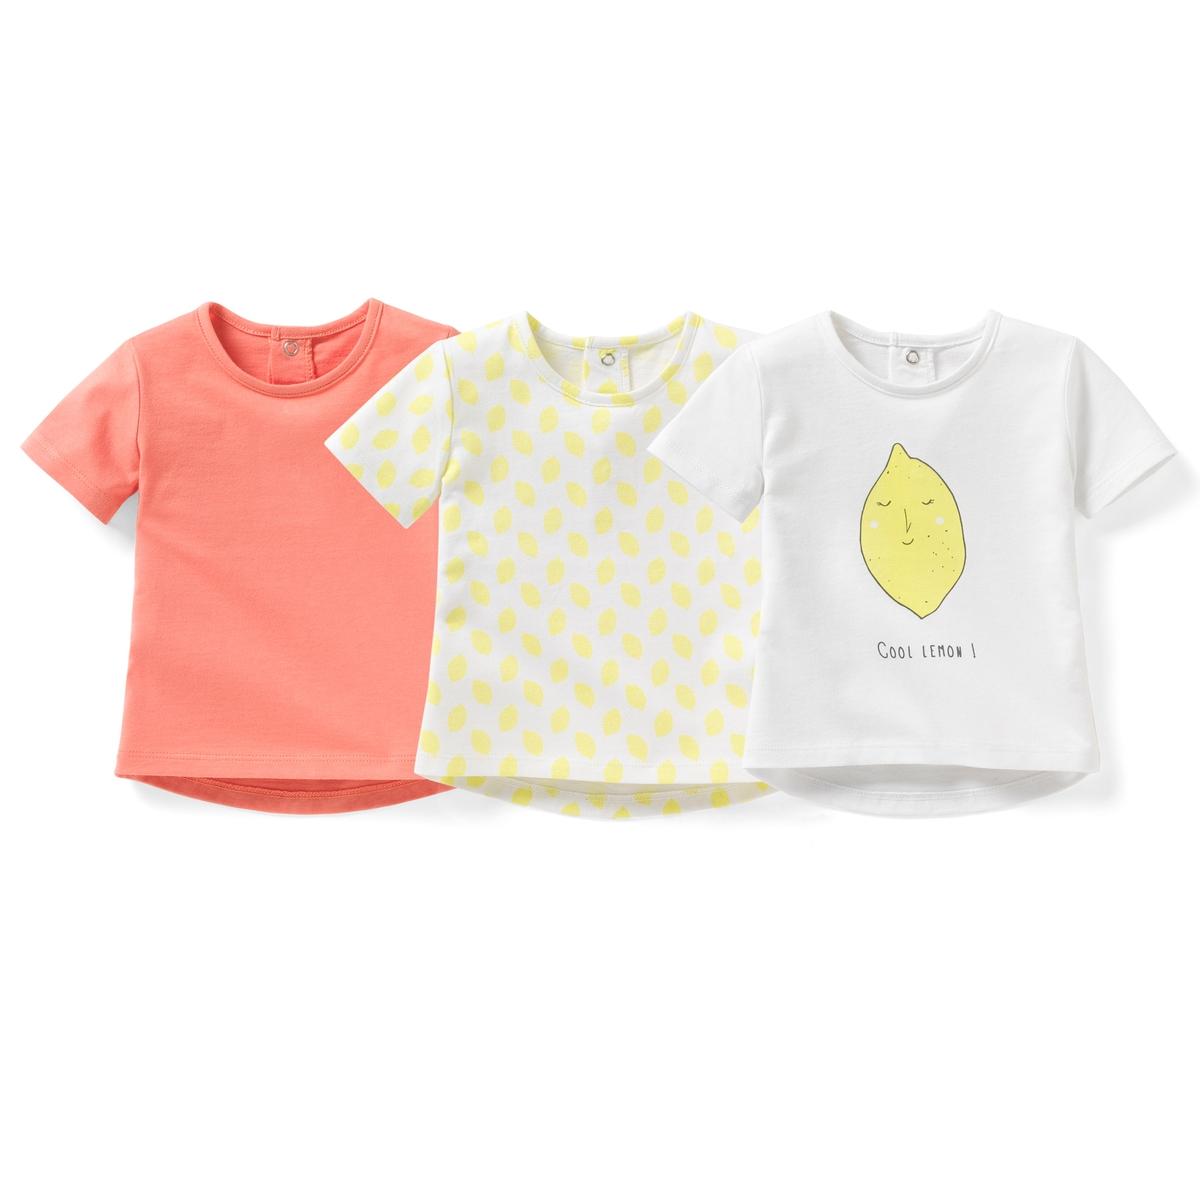 Комплект из 3 футболок, 1 мес. - 3 годаКомплект из 3 футболок с короткими рукавами из джерси. Круглый вырез. Застежка на кнопки сзади. В комплекте: 1 однотонная футболка + 1 футболка с рисунком + 1 однотонная футболка с рисунком лимон спереди.Состав и описание : Материал         100% хлопокМарка         R ?ditionУход: :Машинная стирка при 40 °С с вещами схожих цветовСтирать и гладить с изнаночной стороныМашинная сушка в умеренном режимеГладить при средней температуреНаименование марки отпечатано внутри изделия и не указано на этикетке, пришитой сзади, чтобы избежать раздражения или зуда у детей<br><br>Цвет: розовый + белый<br>Размер: 3 мес. - 60 см